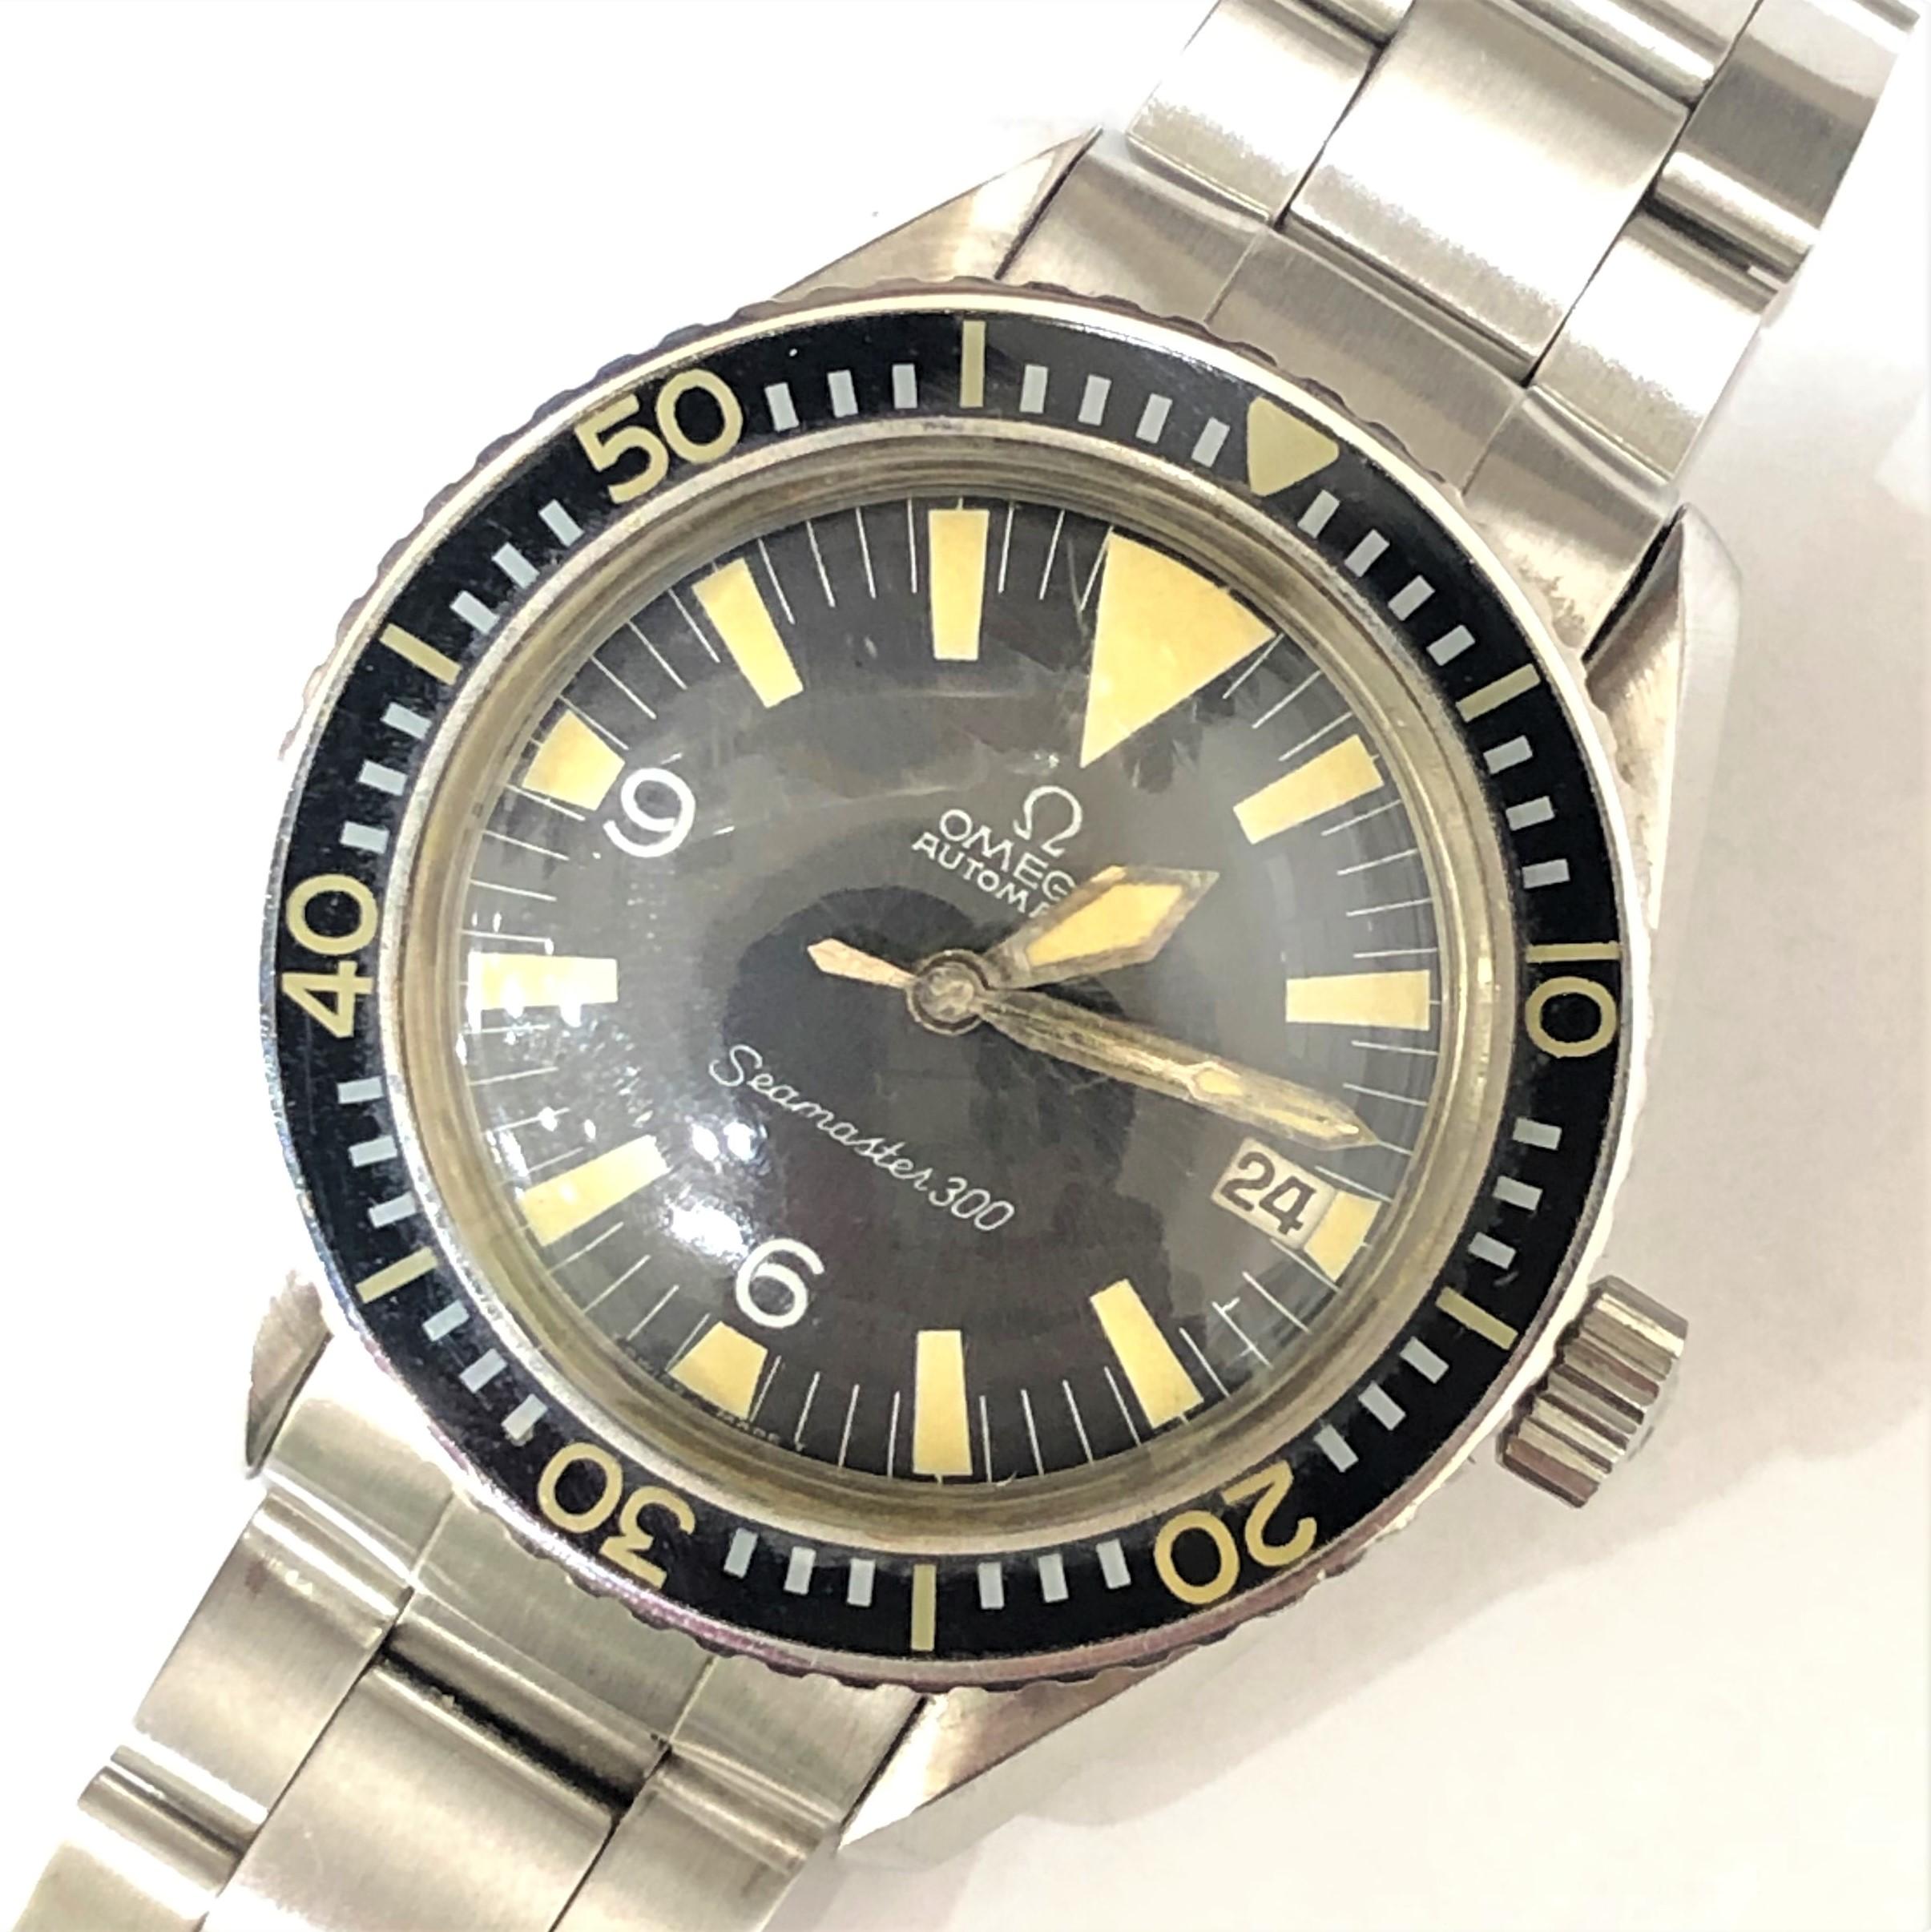 【OMEGA/オメガ】シーマスター300 14755-61SC アンティーク AT 腕時計